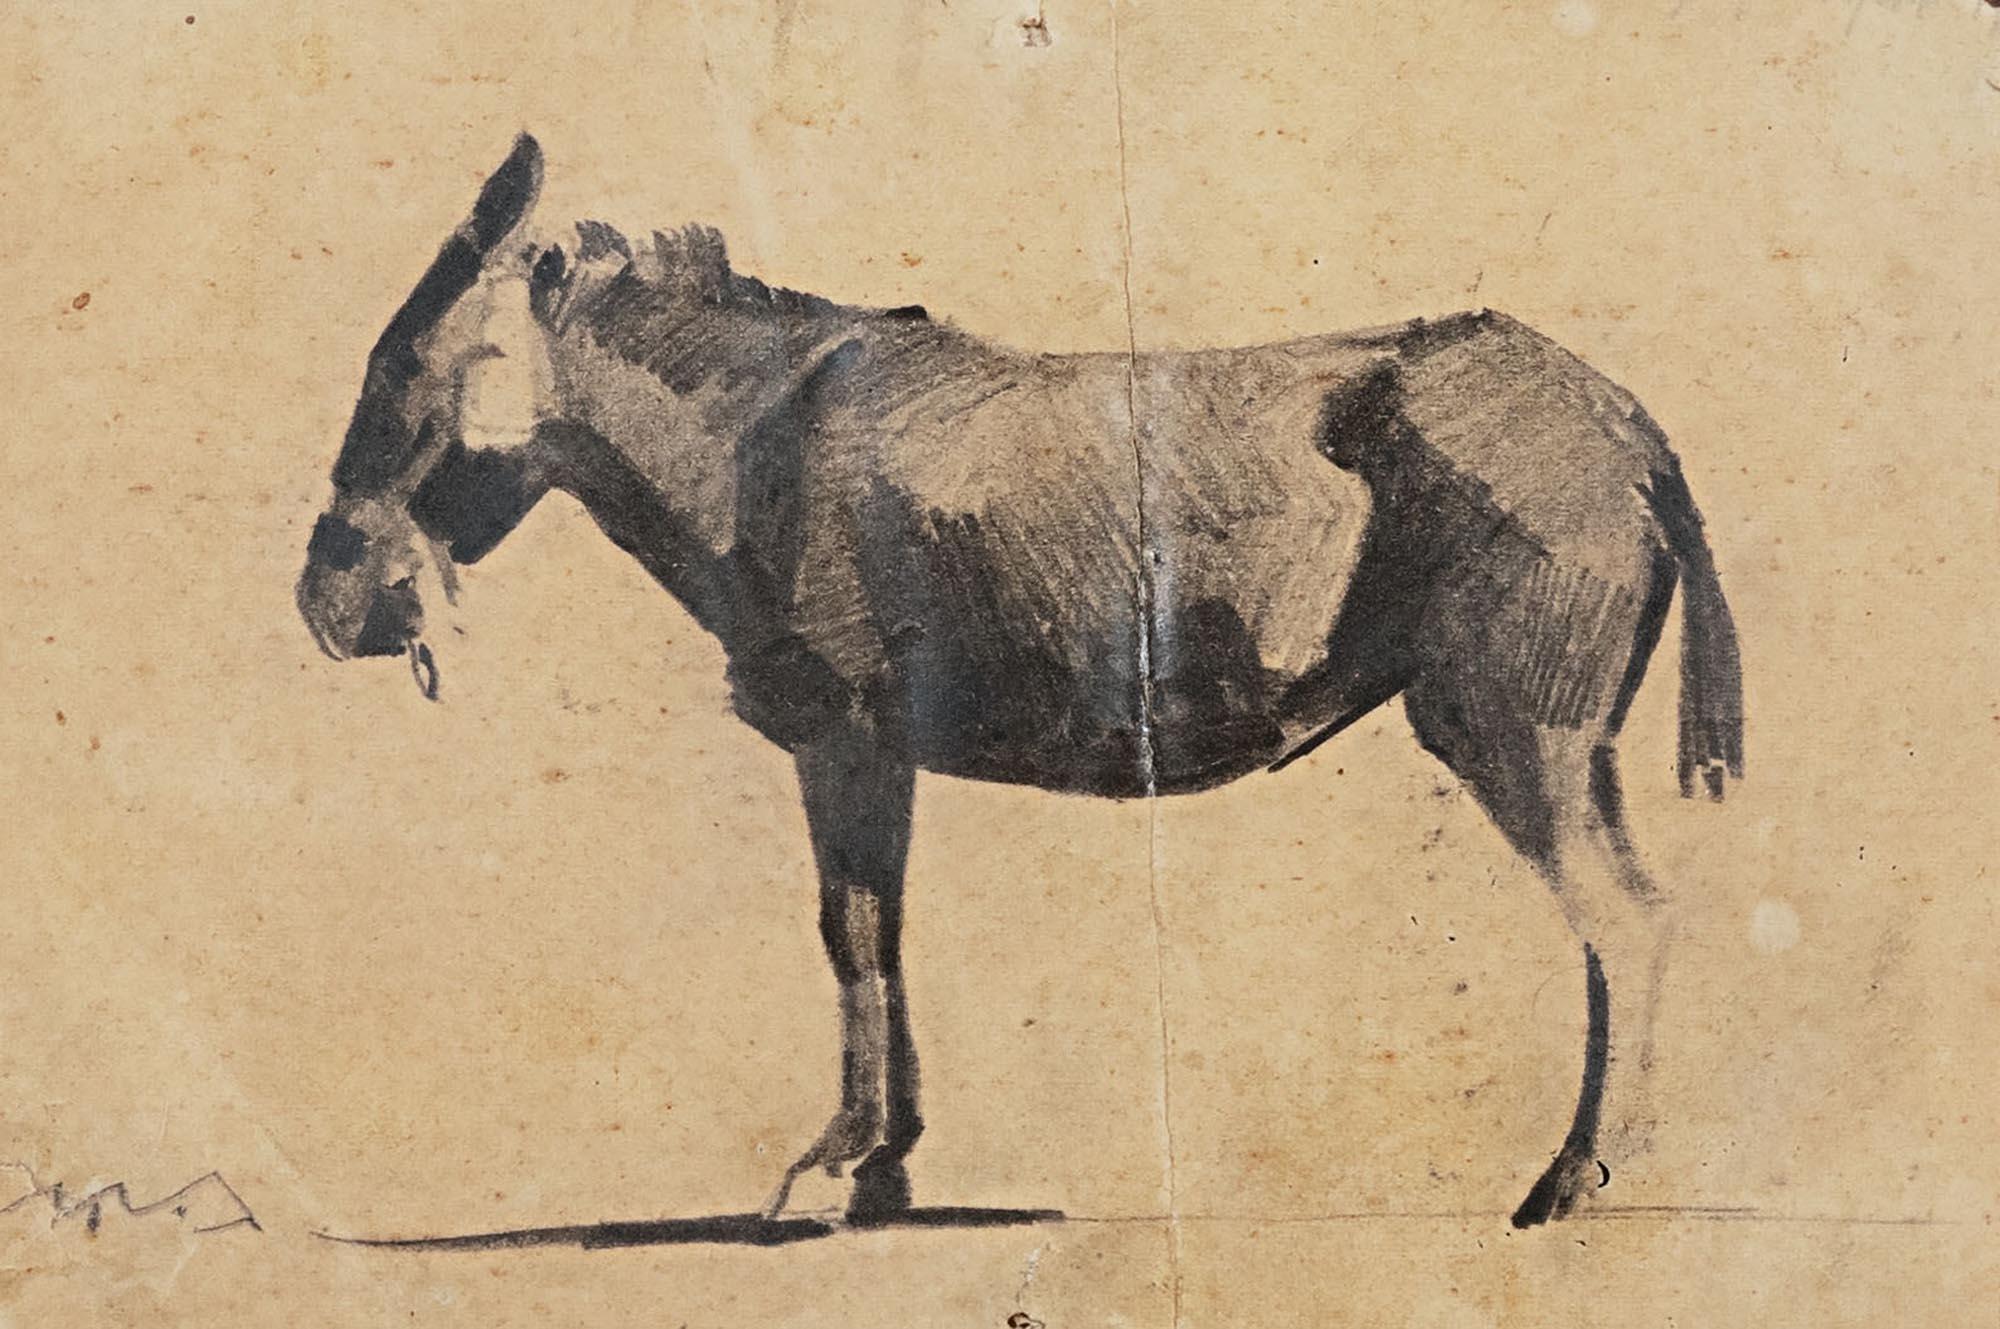 α) Νικηφόρος Λύτρας (1832-1904), β) Νικόλαος Λύτρας (1883-1927)